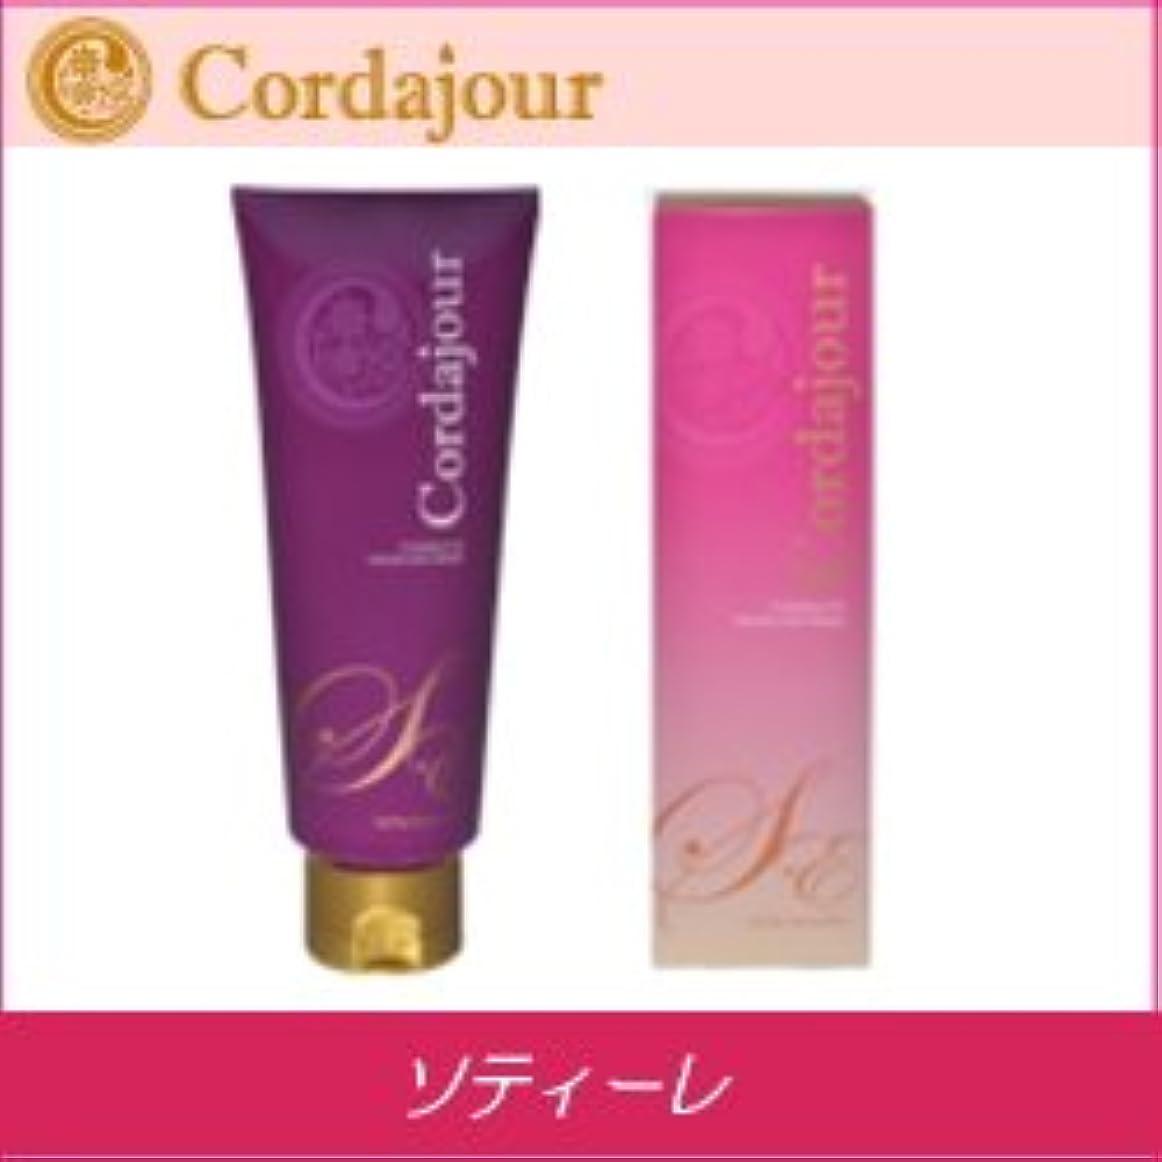 【X2個セット】 コルダジュール ソティーレ トリートメント 200g 柔らかい髪用